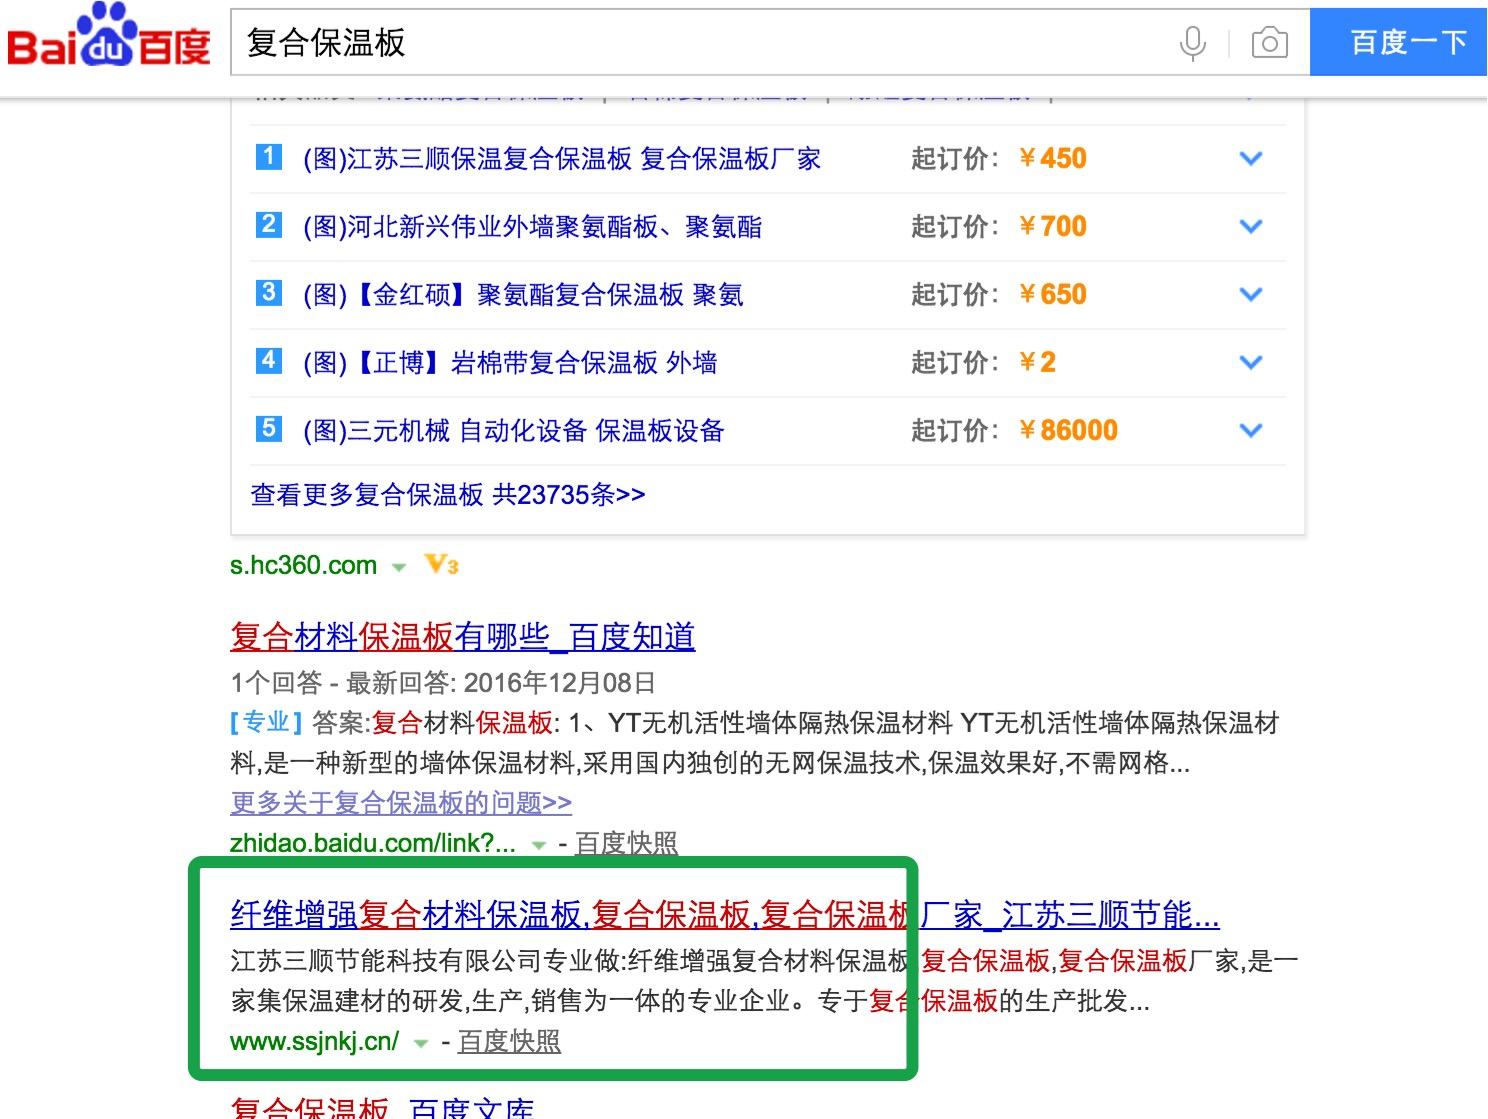 复合保温板厂家签约龙岗网络推广做网站建设关键词排名覆盖江苏全省